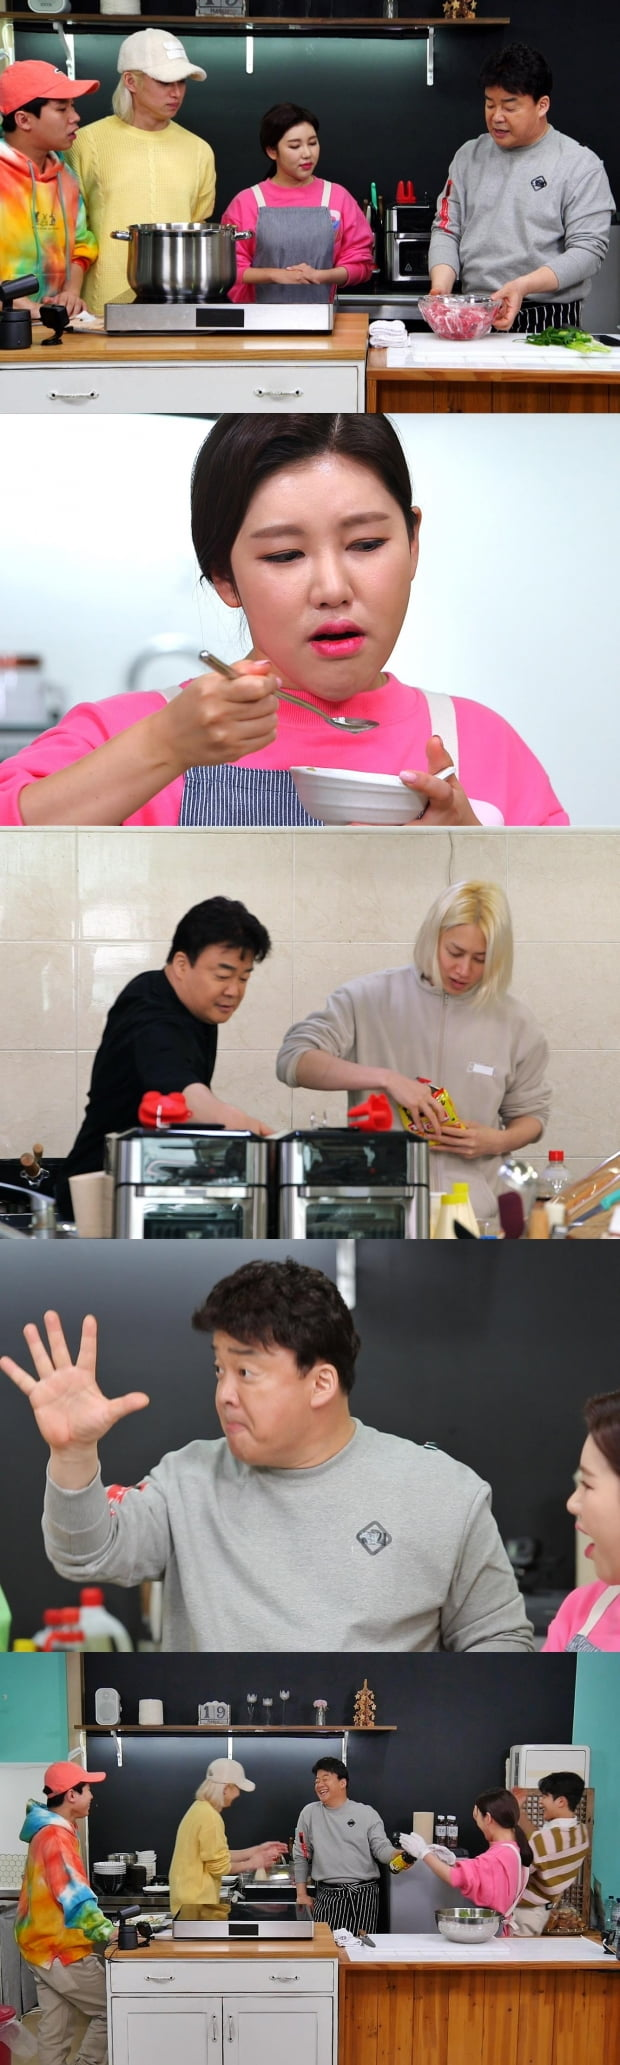 '맛남의 광장' 송가인 / 사진제공=SBS